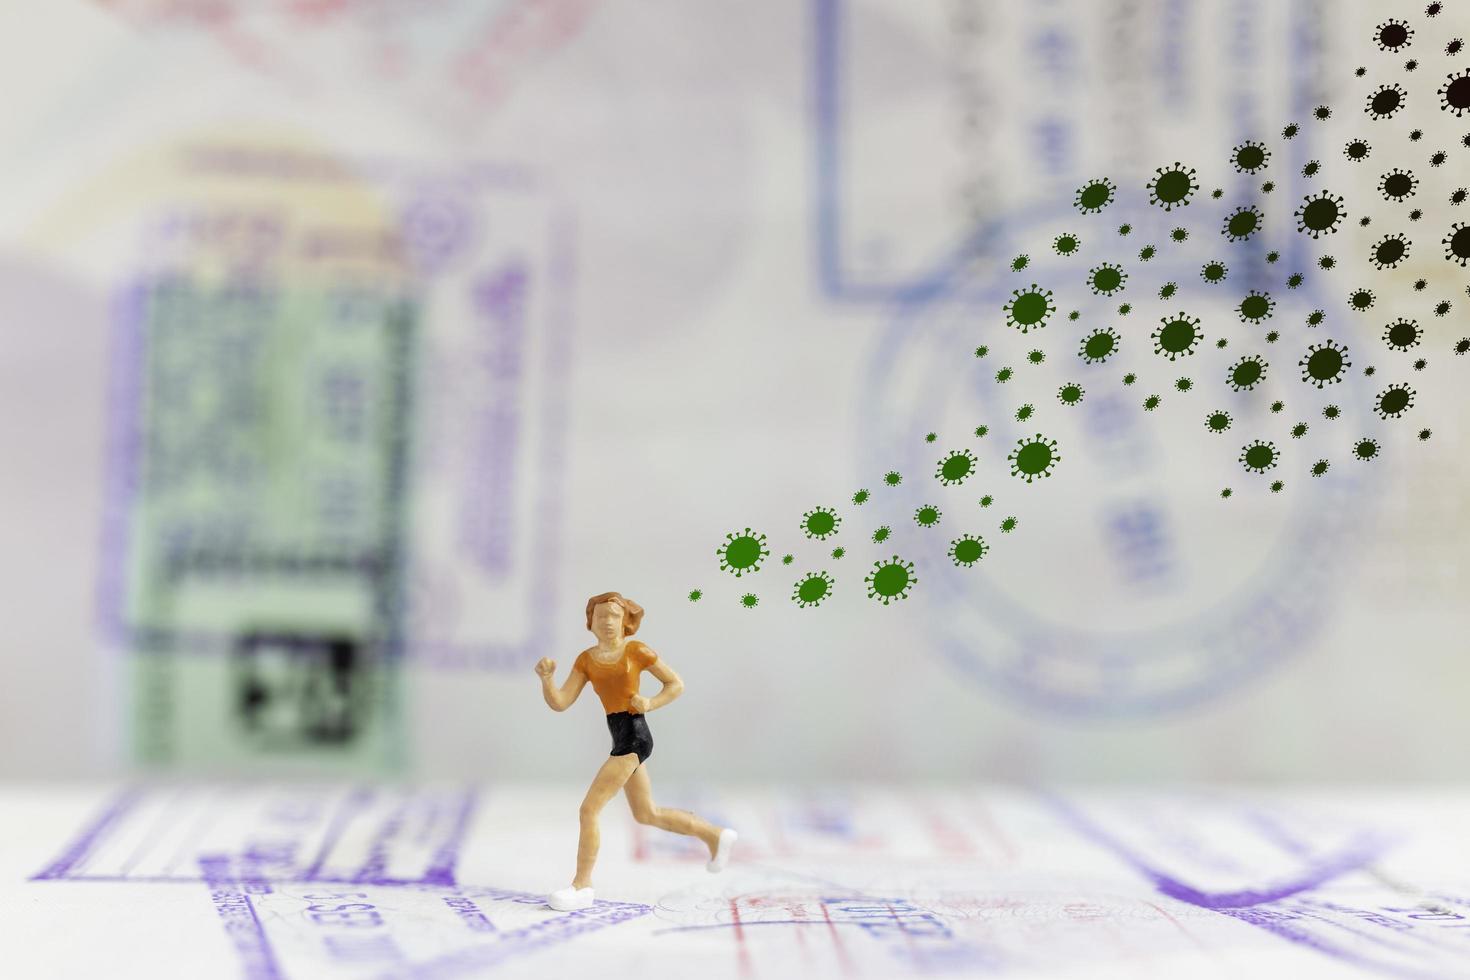 miniatyr människor springer bort från coronavirus 2019-ncov influensainfektion, hälsokris koncept foto